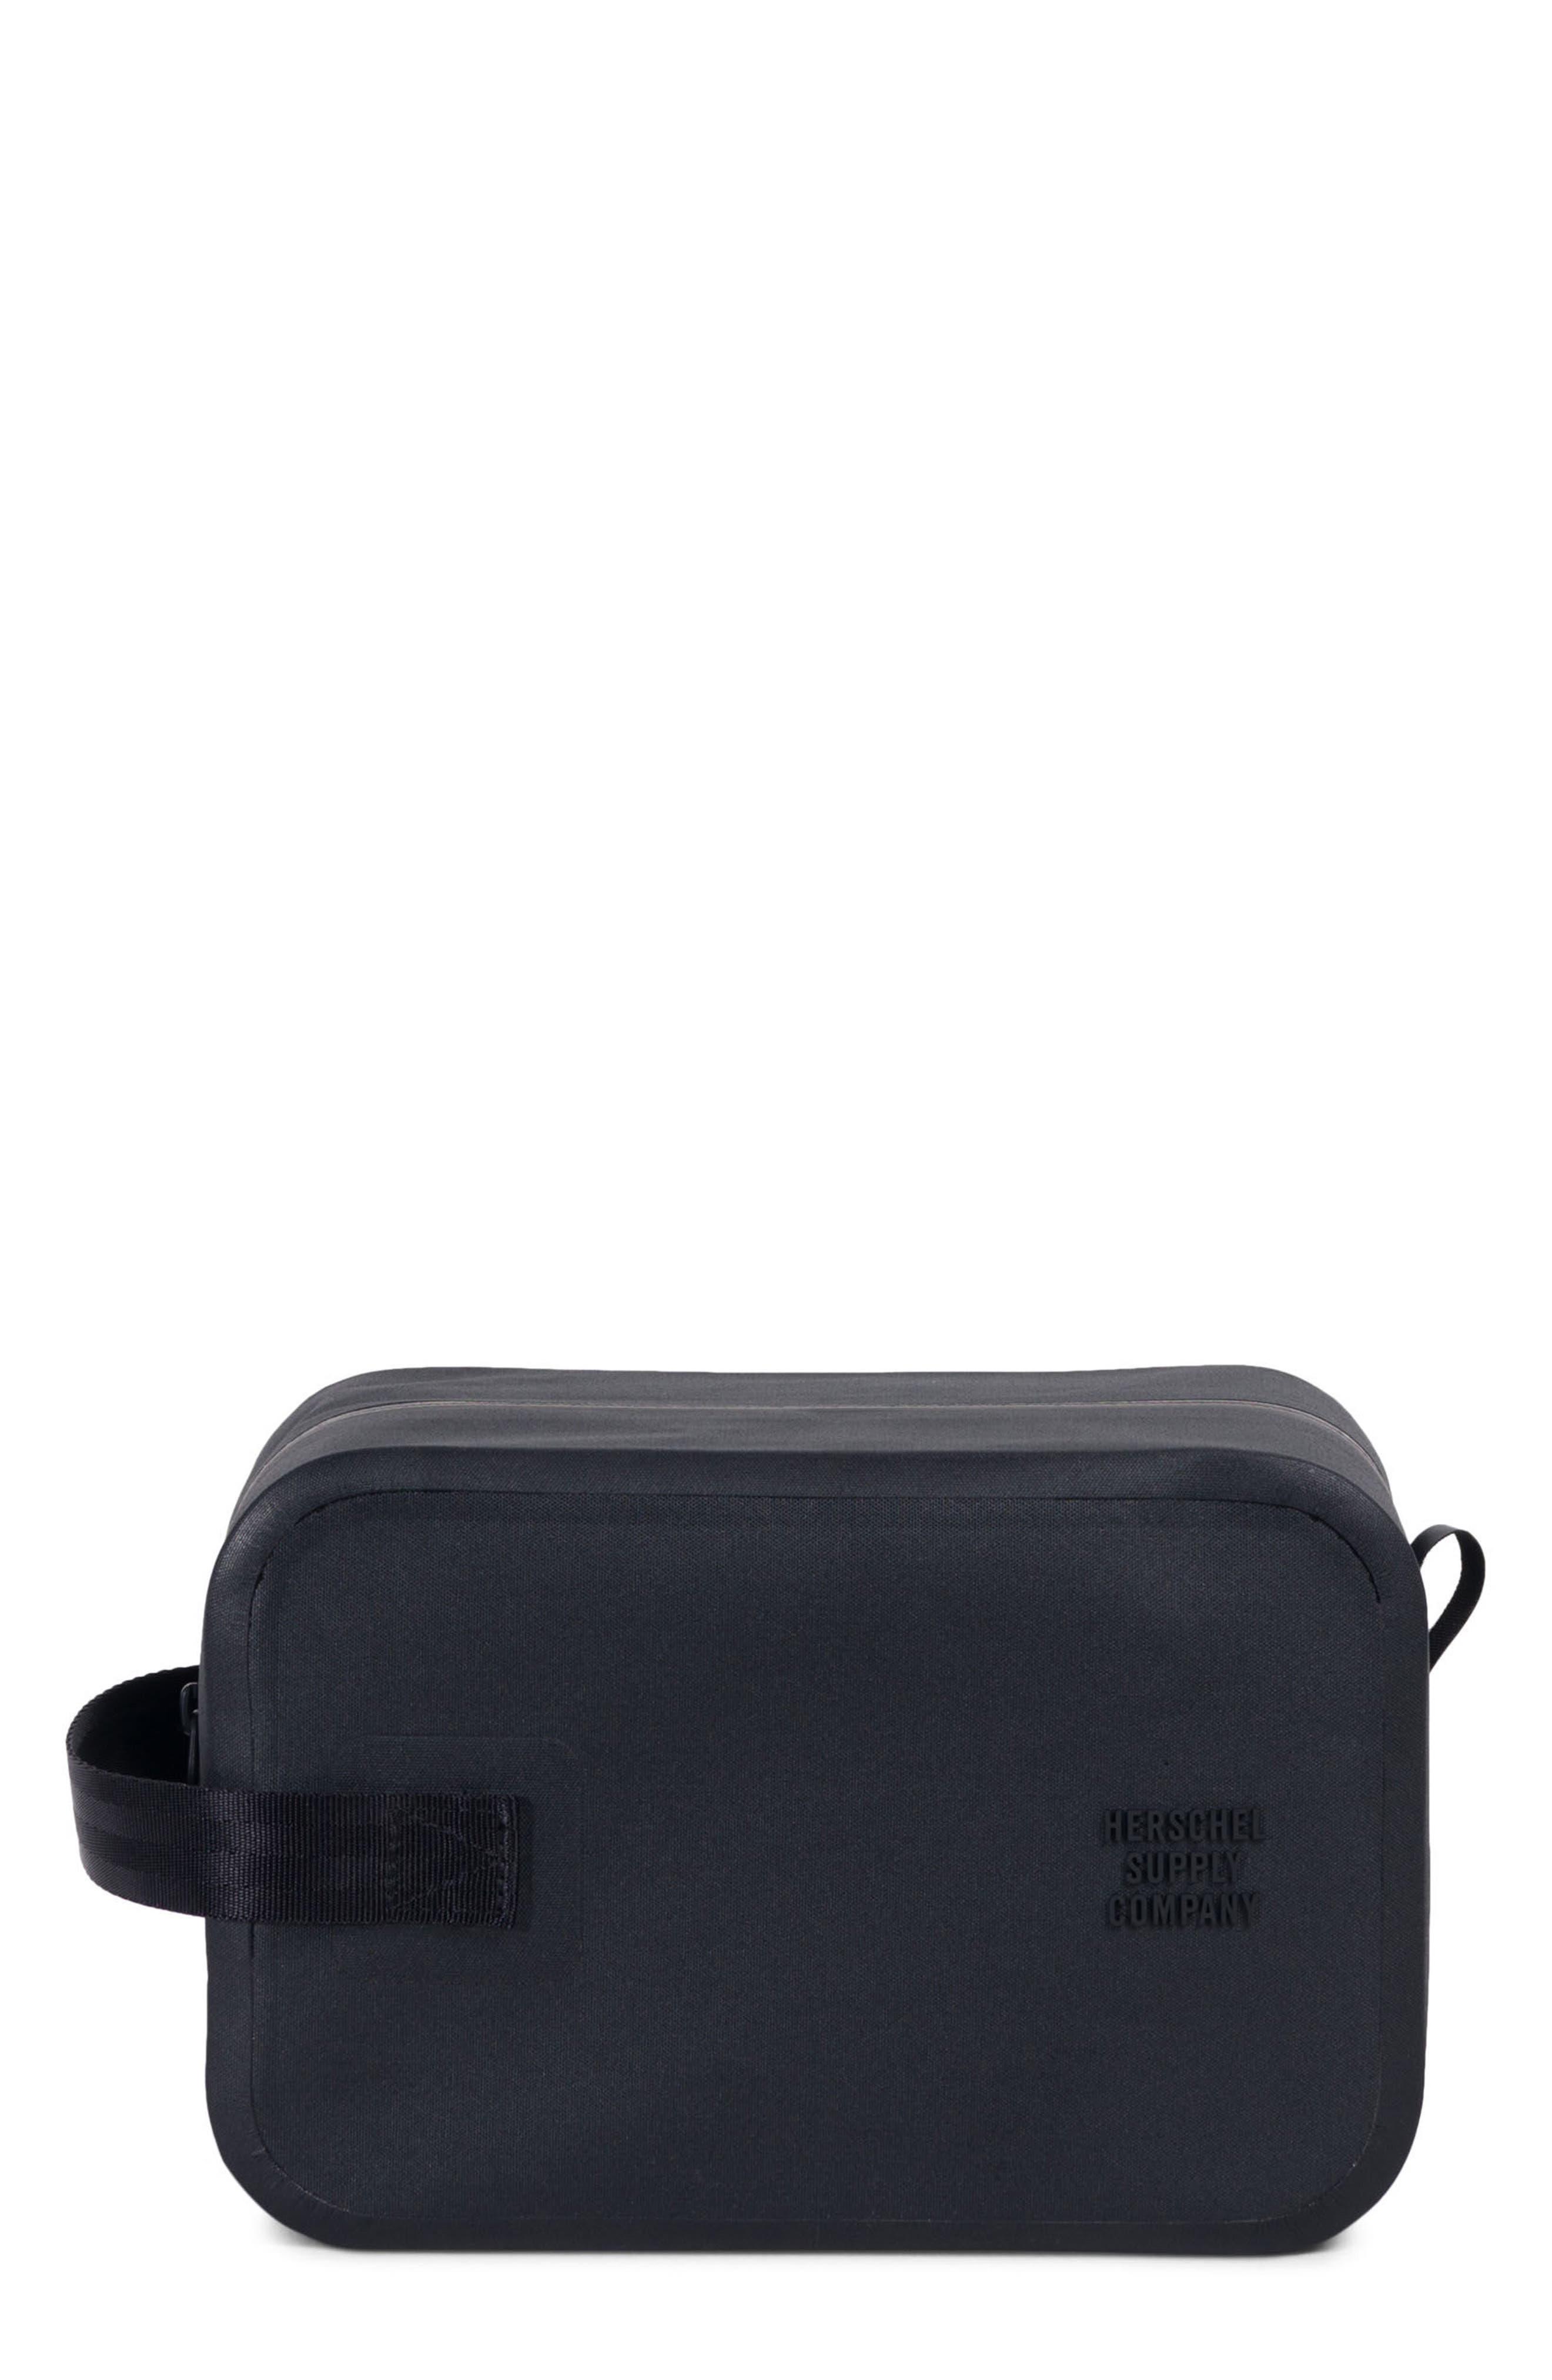 Tarpaulin Chapter Studio Dopp Kit,                         Main,                         color, Black